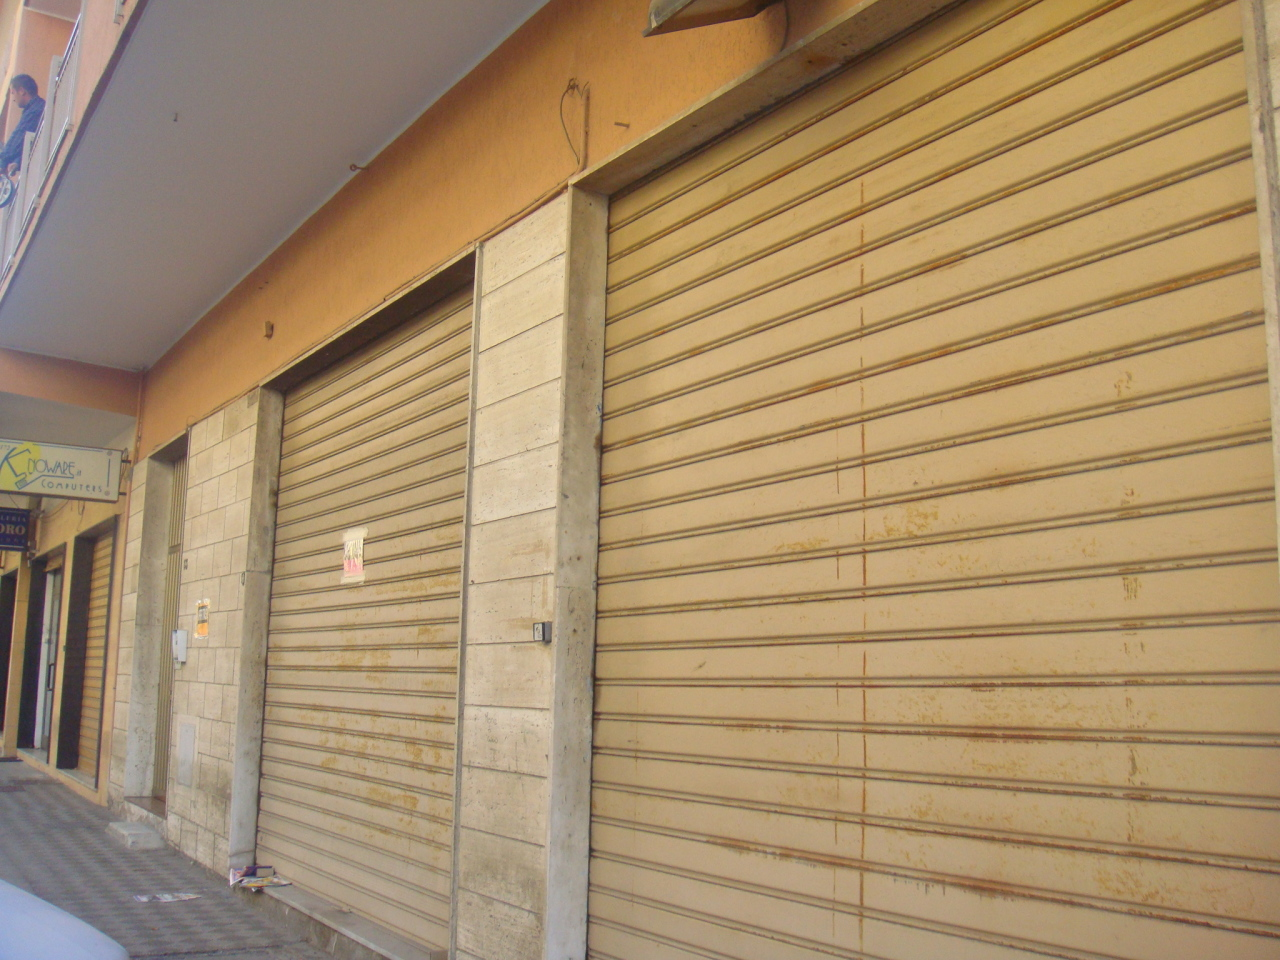 Capannone in vendita a Reggio Calabria, 1 locali, prezzo € 90.000 | Cambio Casa.it